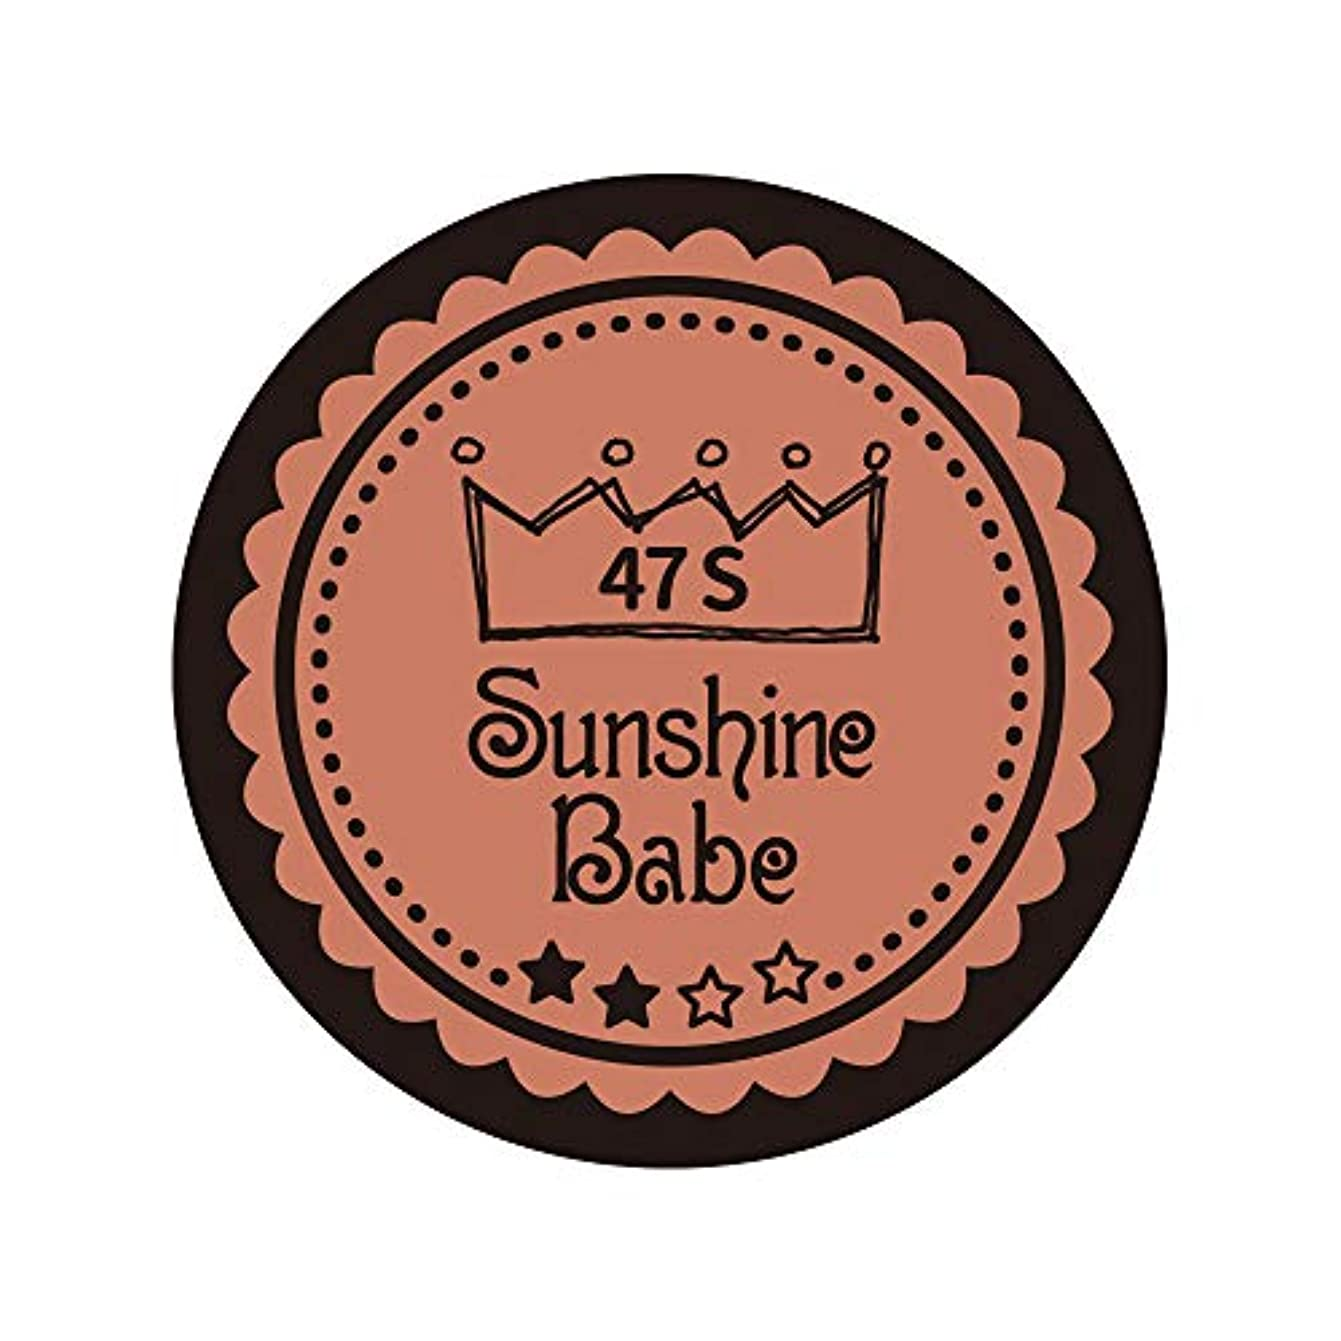 ポジションデイジー肉Sunshine Babe カラージェル 47S ピーチブラウン 2.7g UV/LED対応